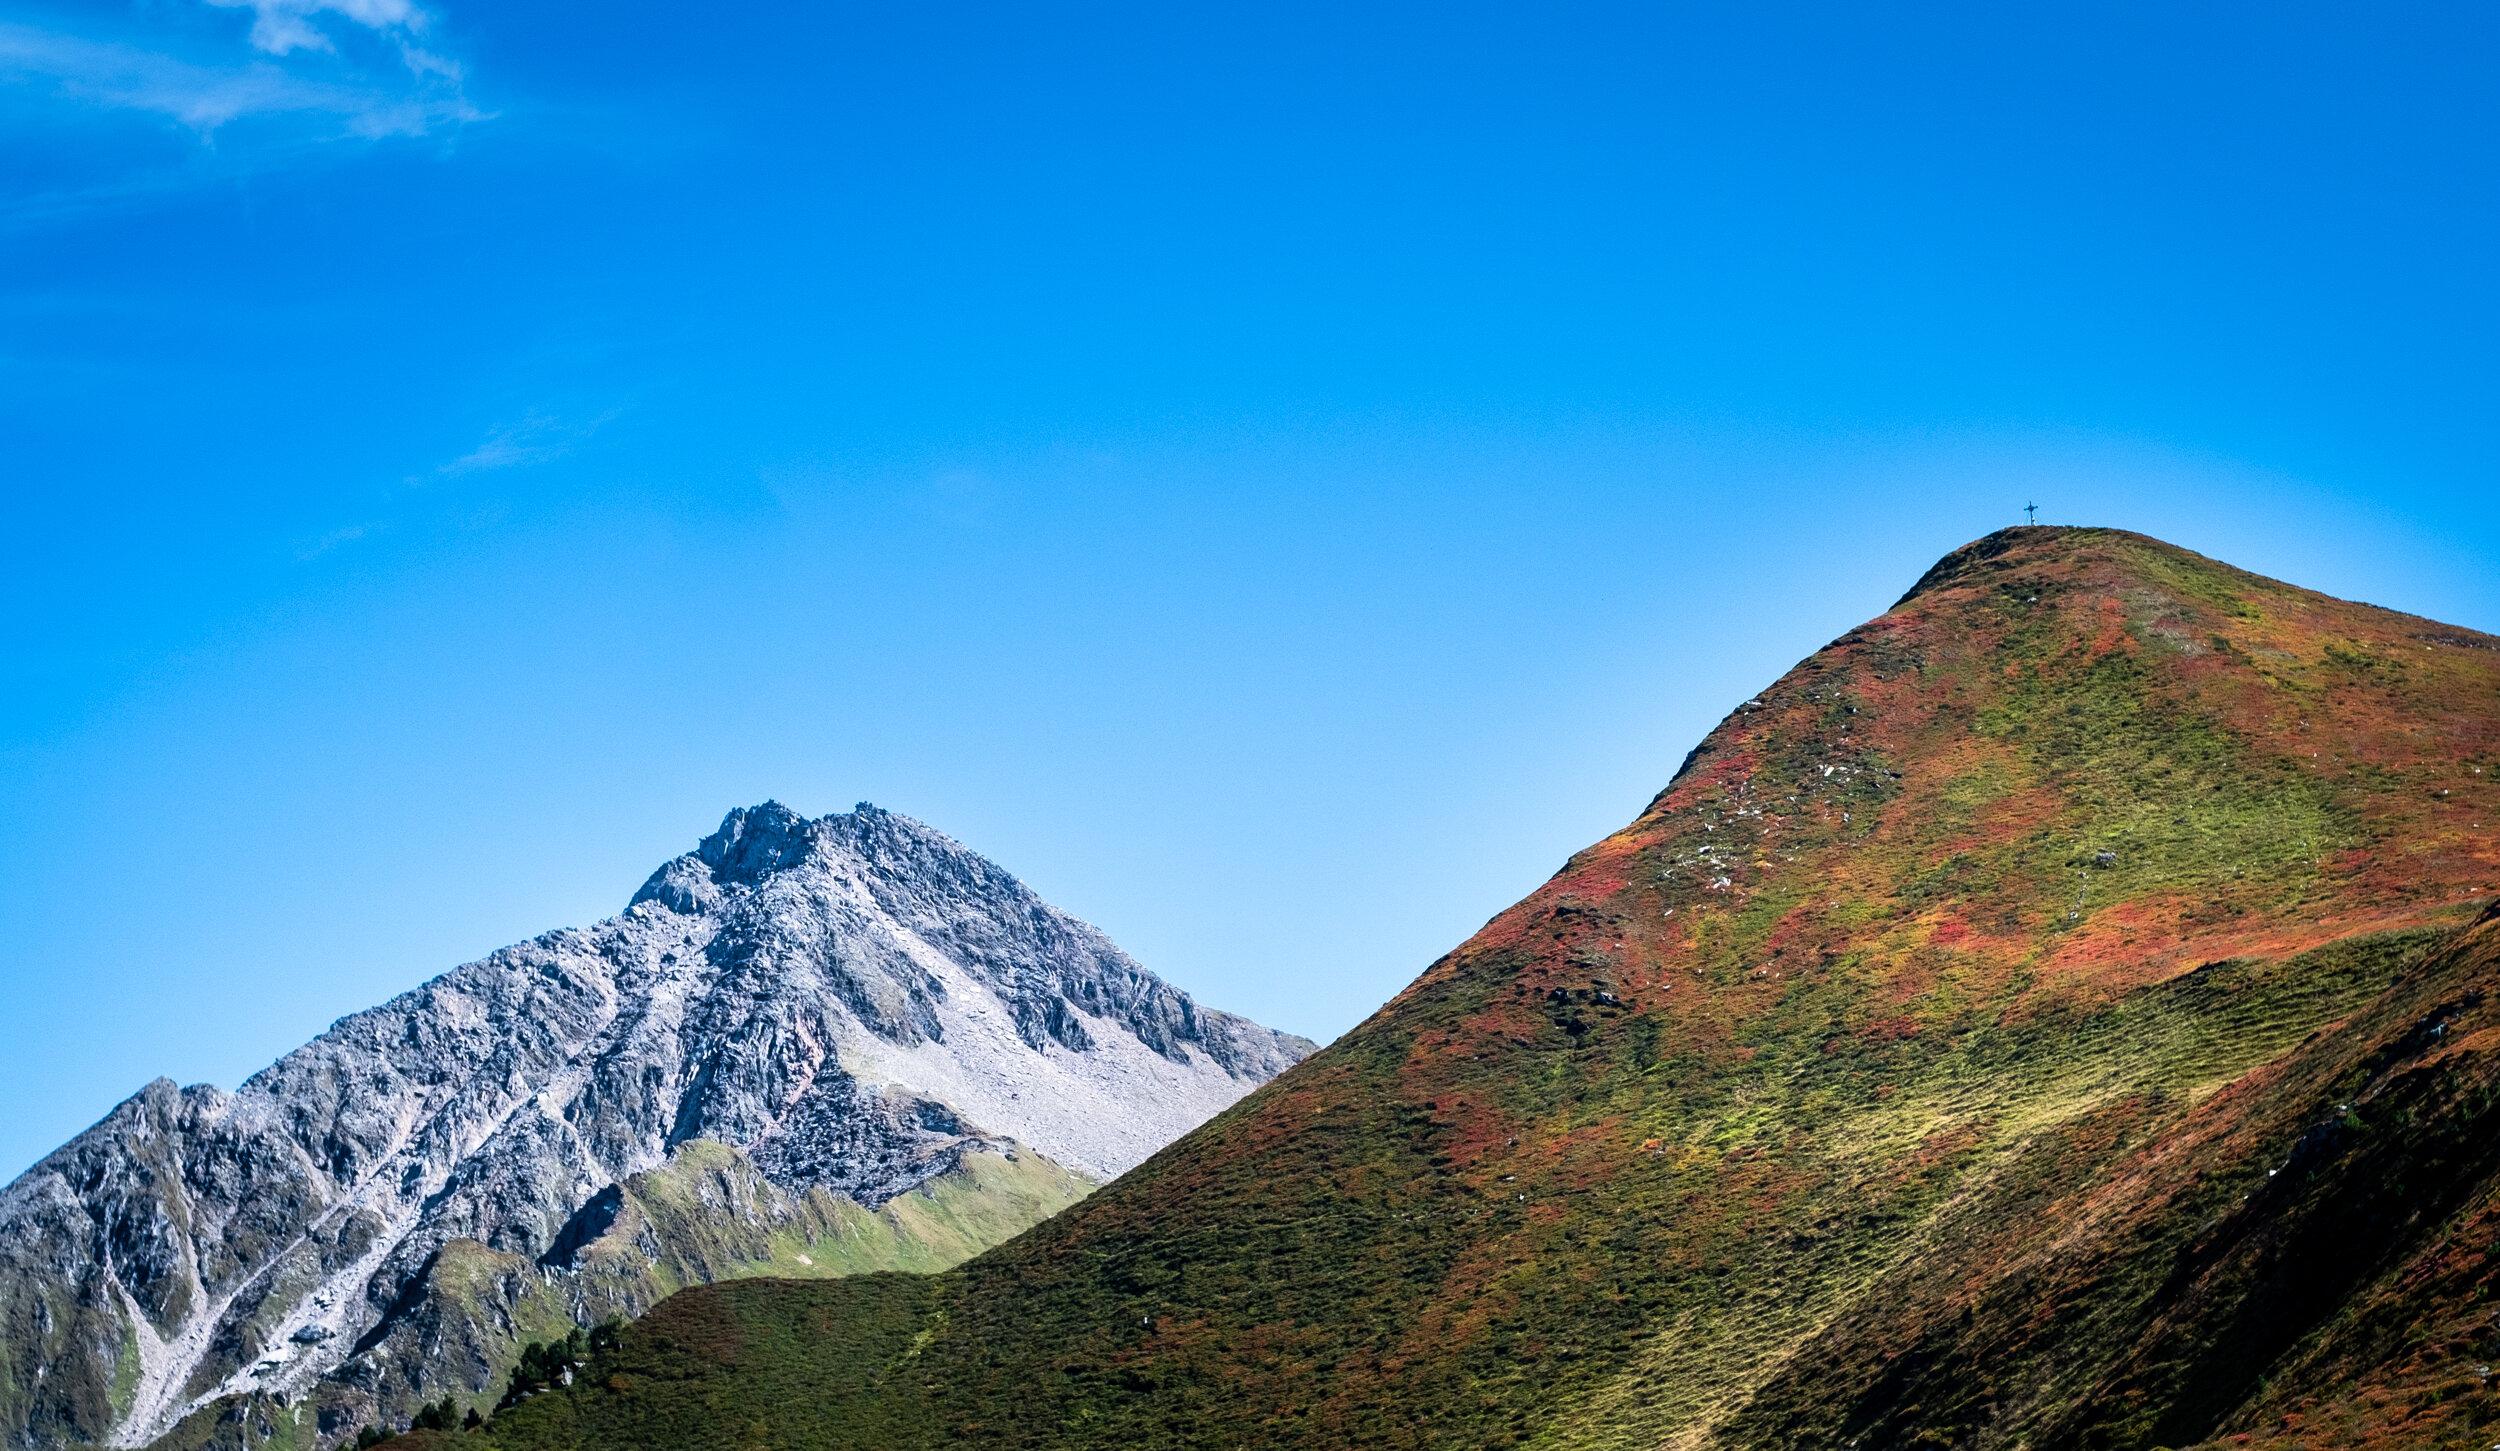 autumn ahorn 19_04.jpg